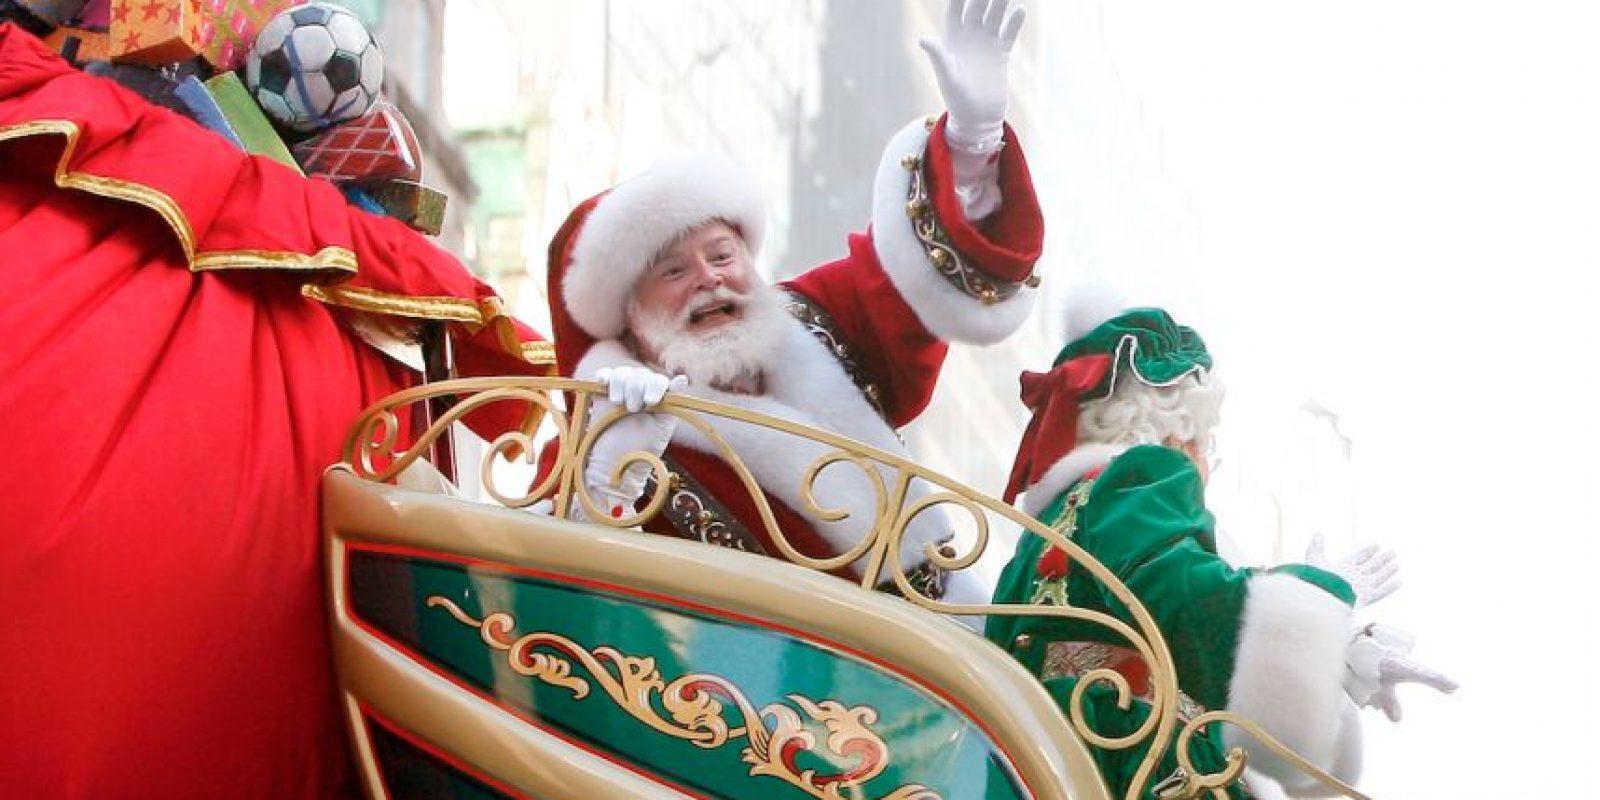 Santa debe enviar algunos regalos por paquetería con antelación, pues hay zonas militares que lo recibirian con balazos. Foto:Getty Images